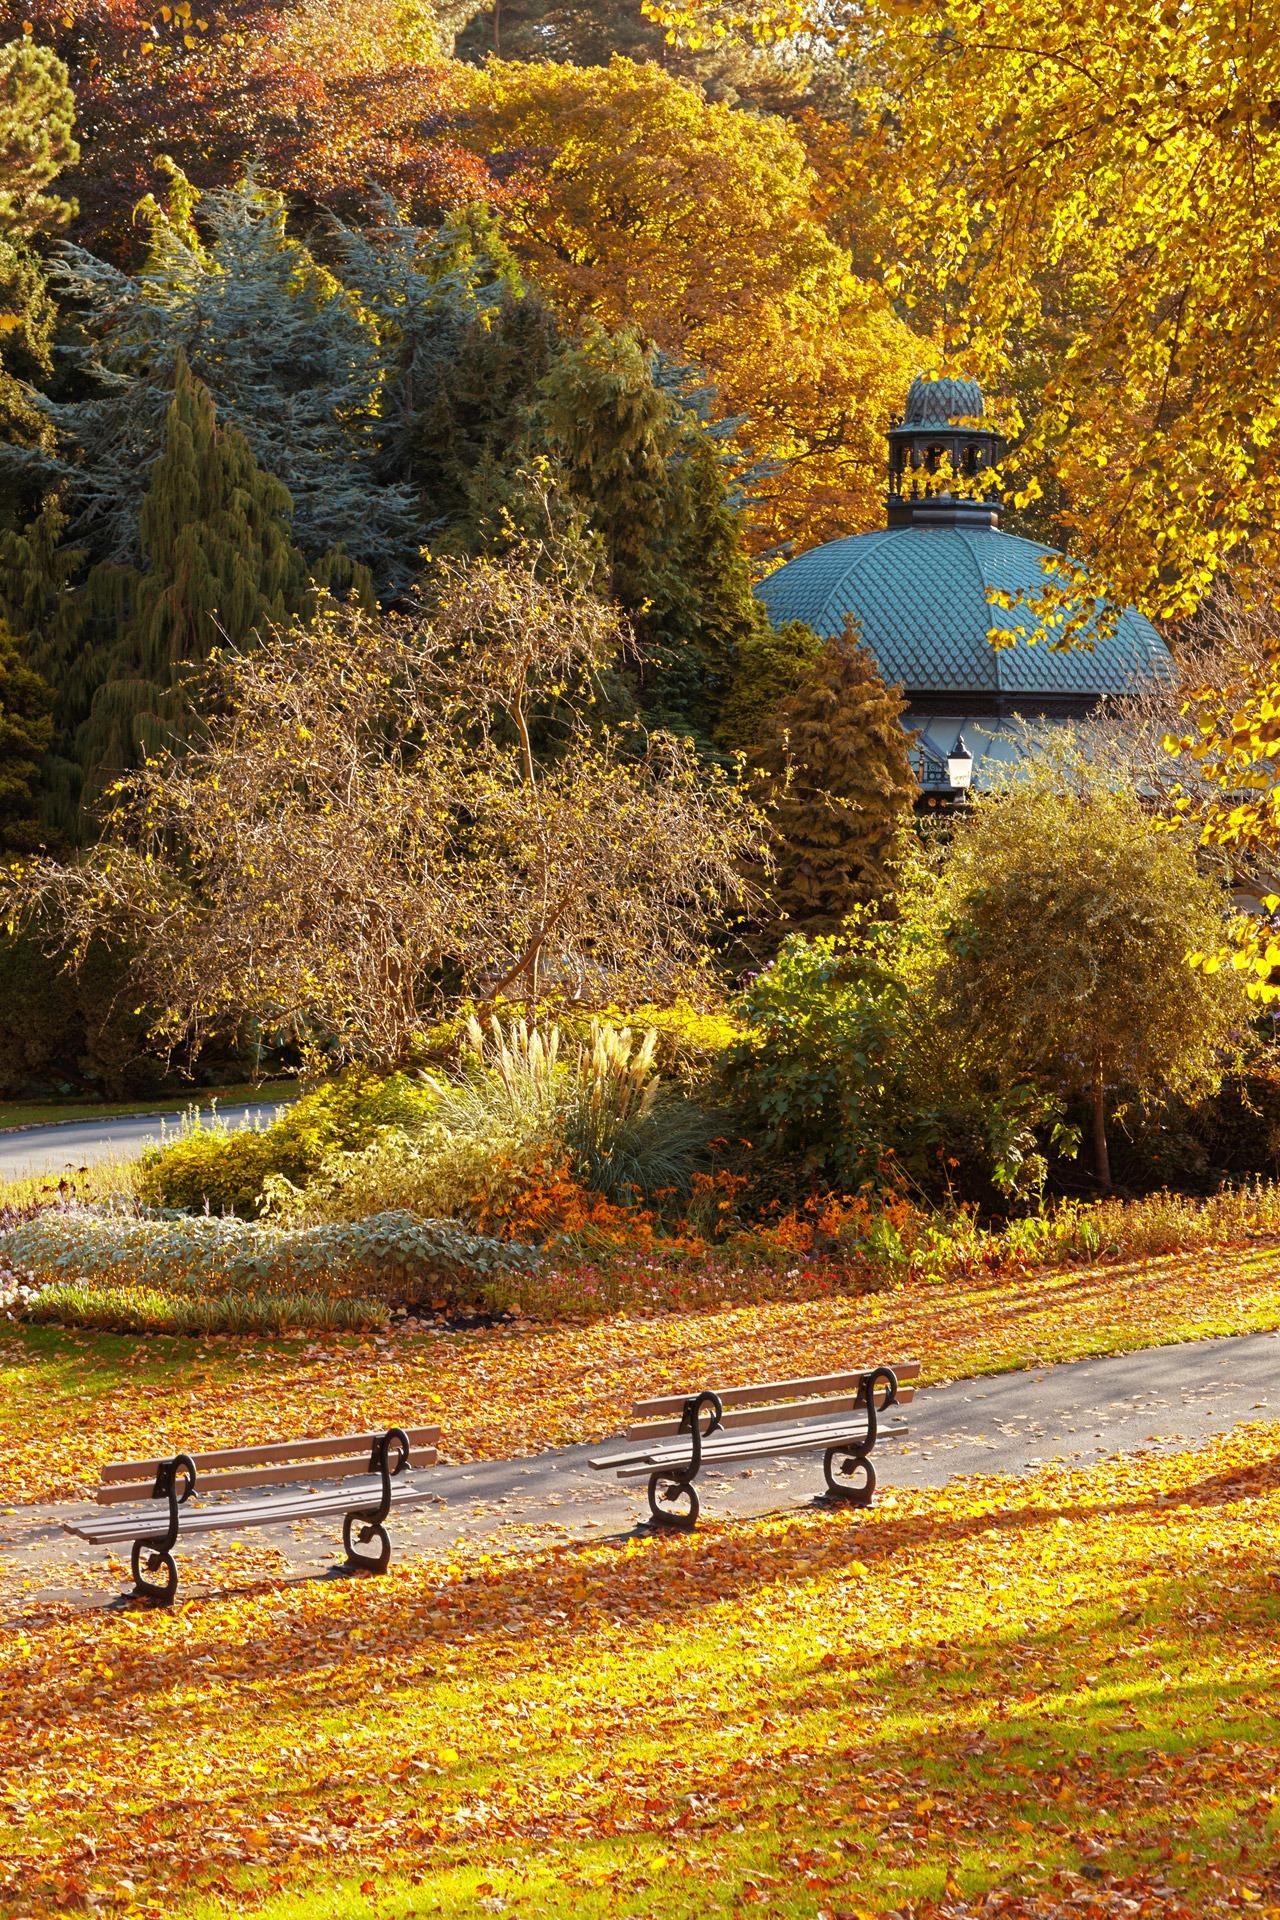 Kostenlose foto landschaft baum natur wildnis cafe bank wiese sonnenlicht morgen - Garten baum fallen ...